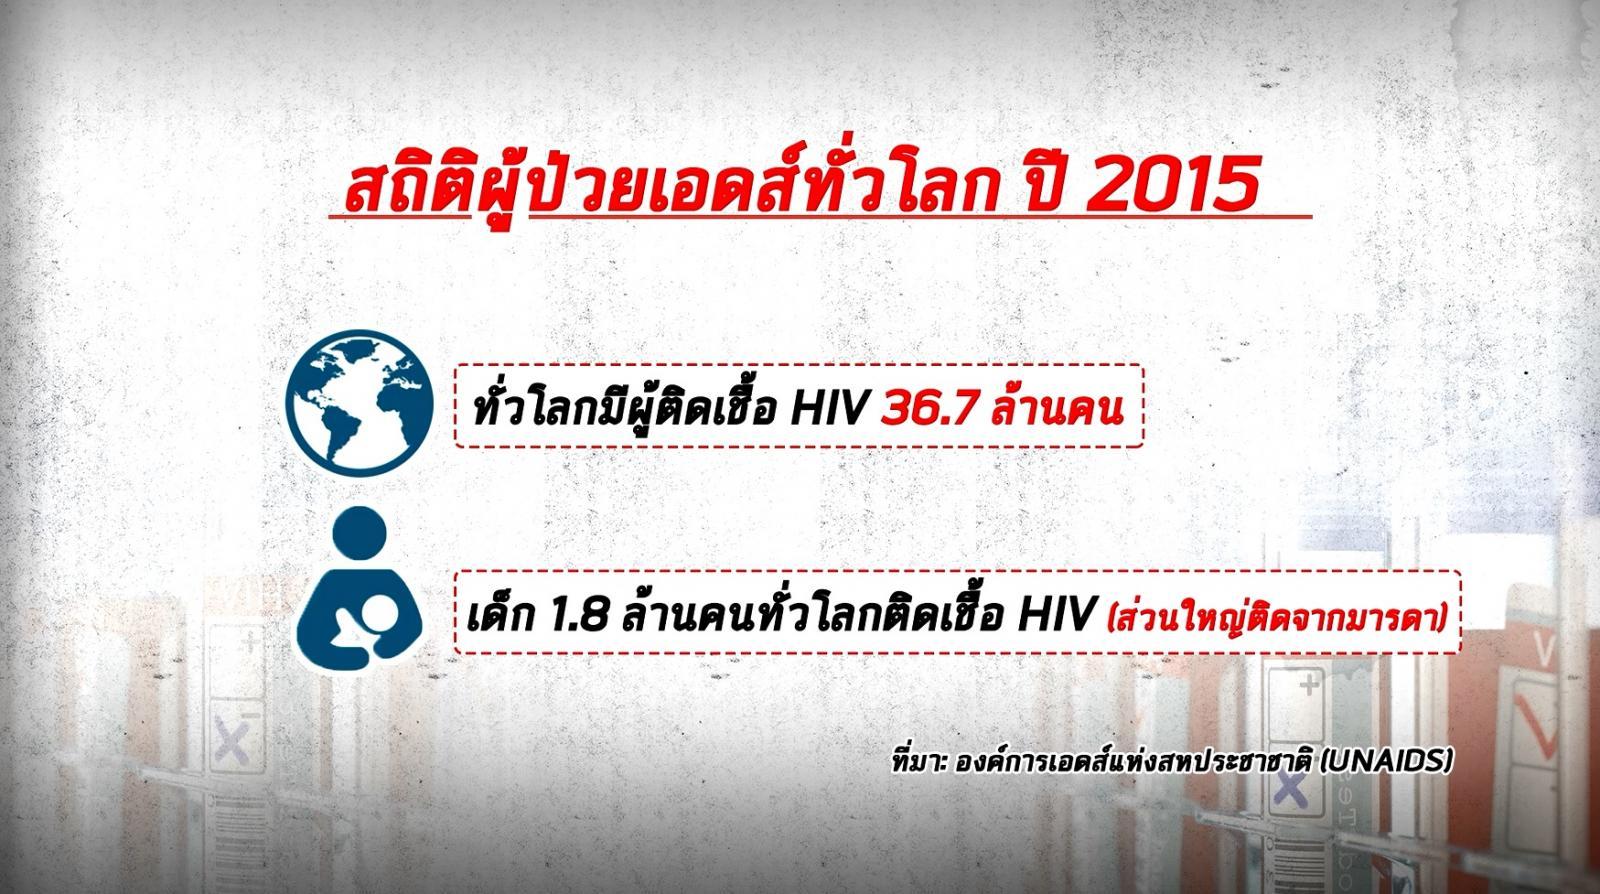 แอฟริกาใต้เริ่มทดลองวัคซีน HIV ต่อยอดจากไทย